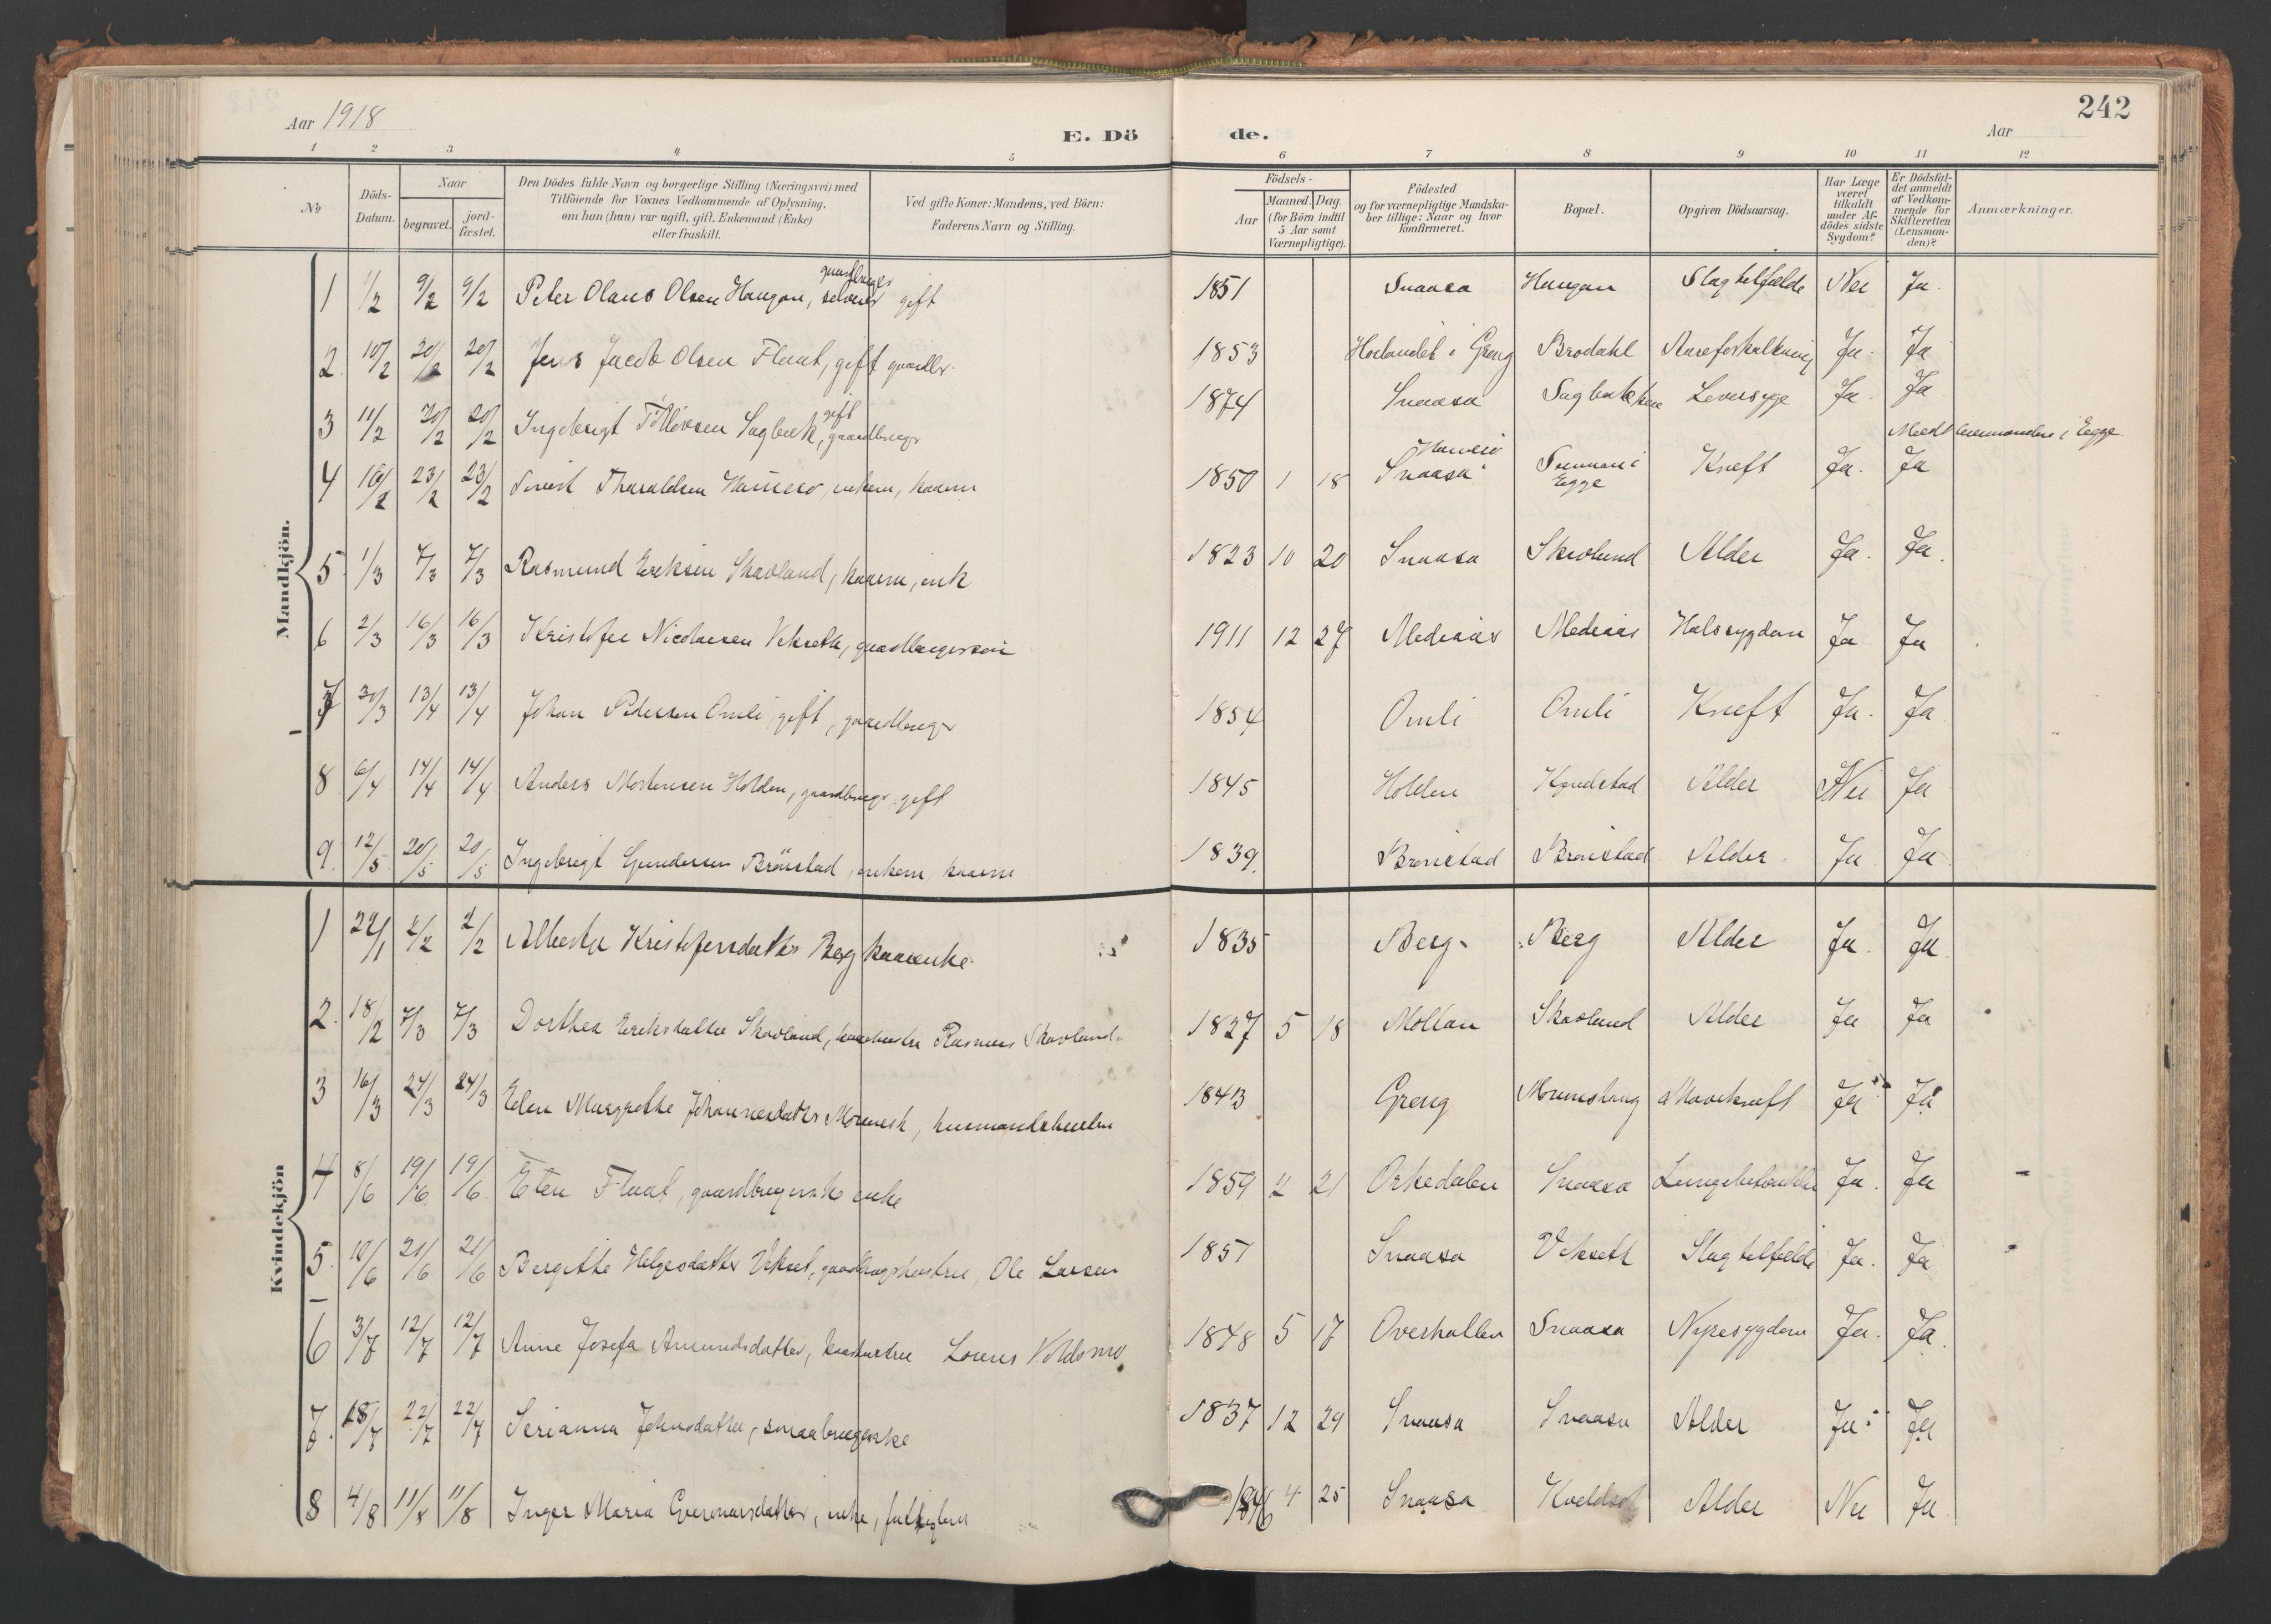 SAT, Ministerialprotokoller, klokkerbøker og fødselsregistre - Nord-Trøndelag, 749/L0477: Ministerialbok nr. 749A11, 1902-1927, s. 242